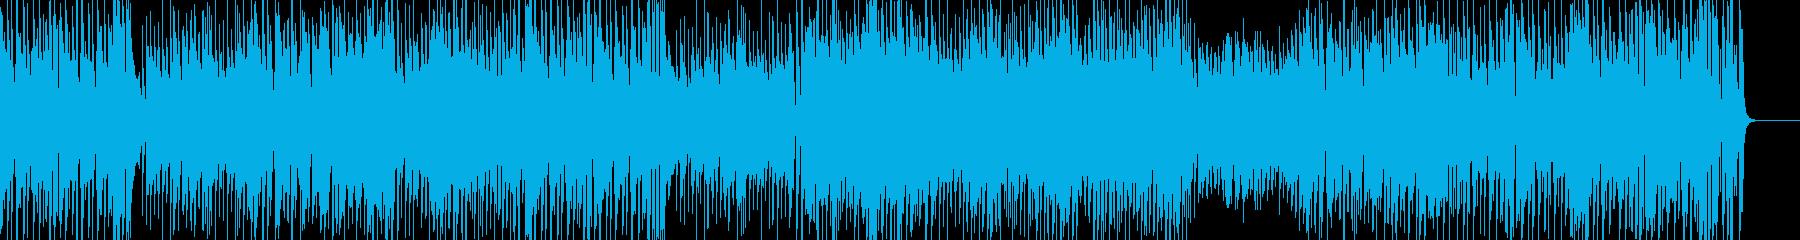 カジノを思わせるビッグバンドBGMの再生済みの波形